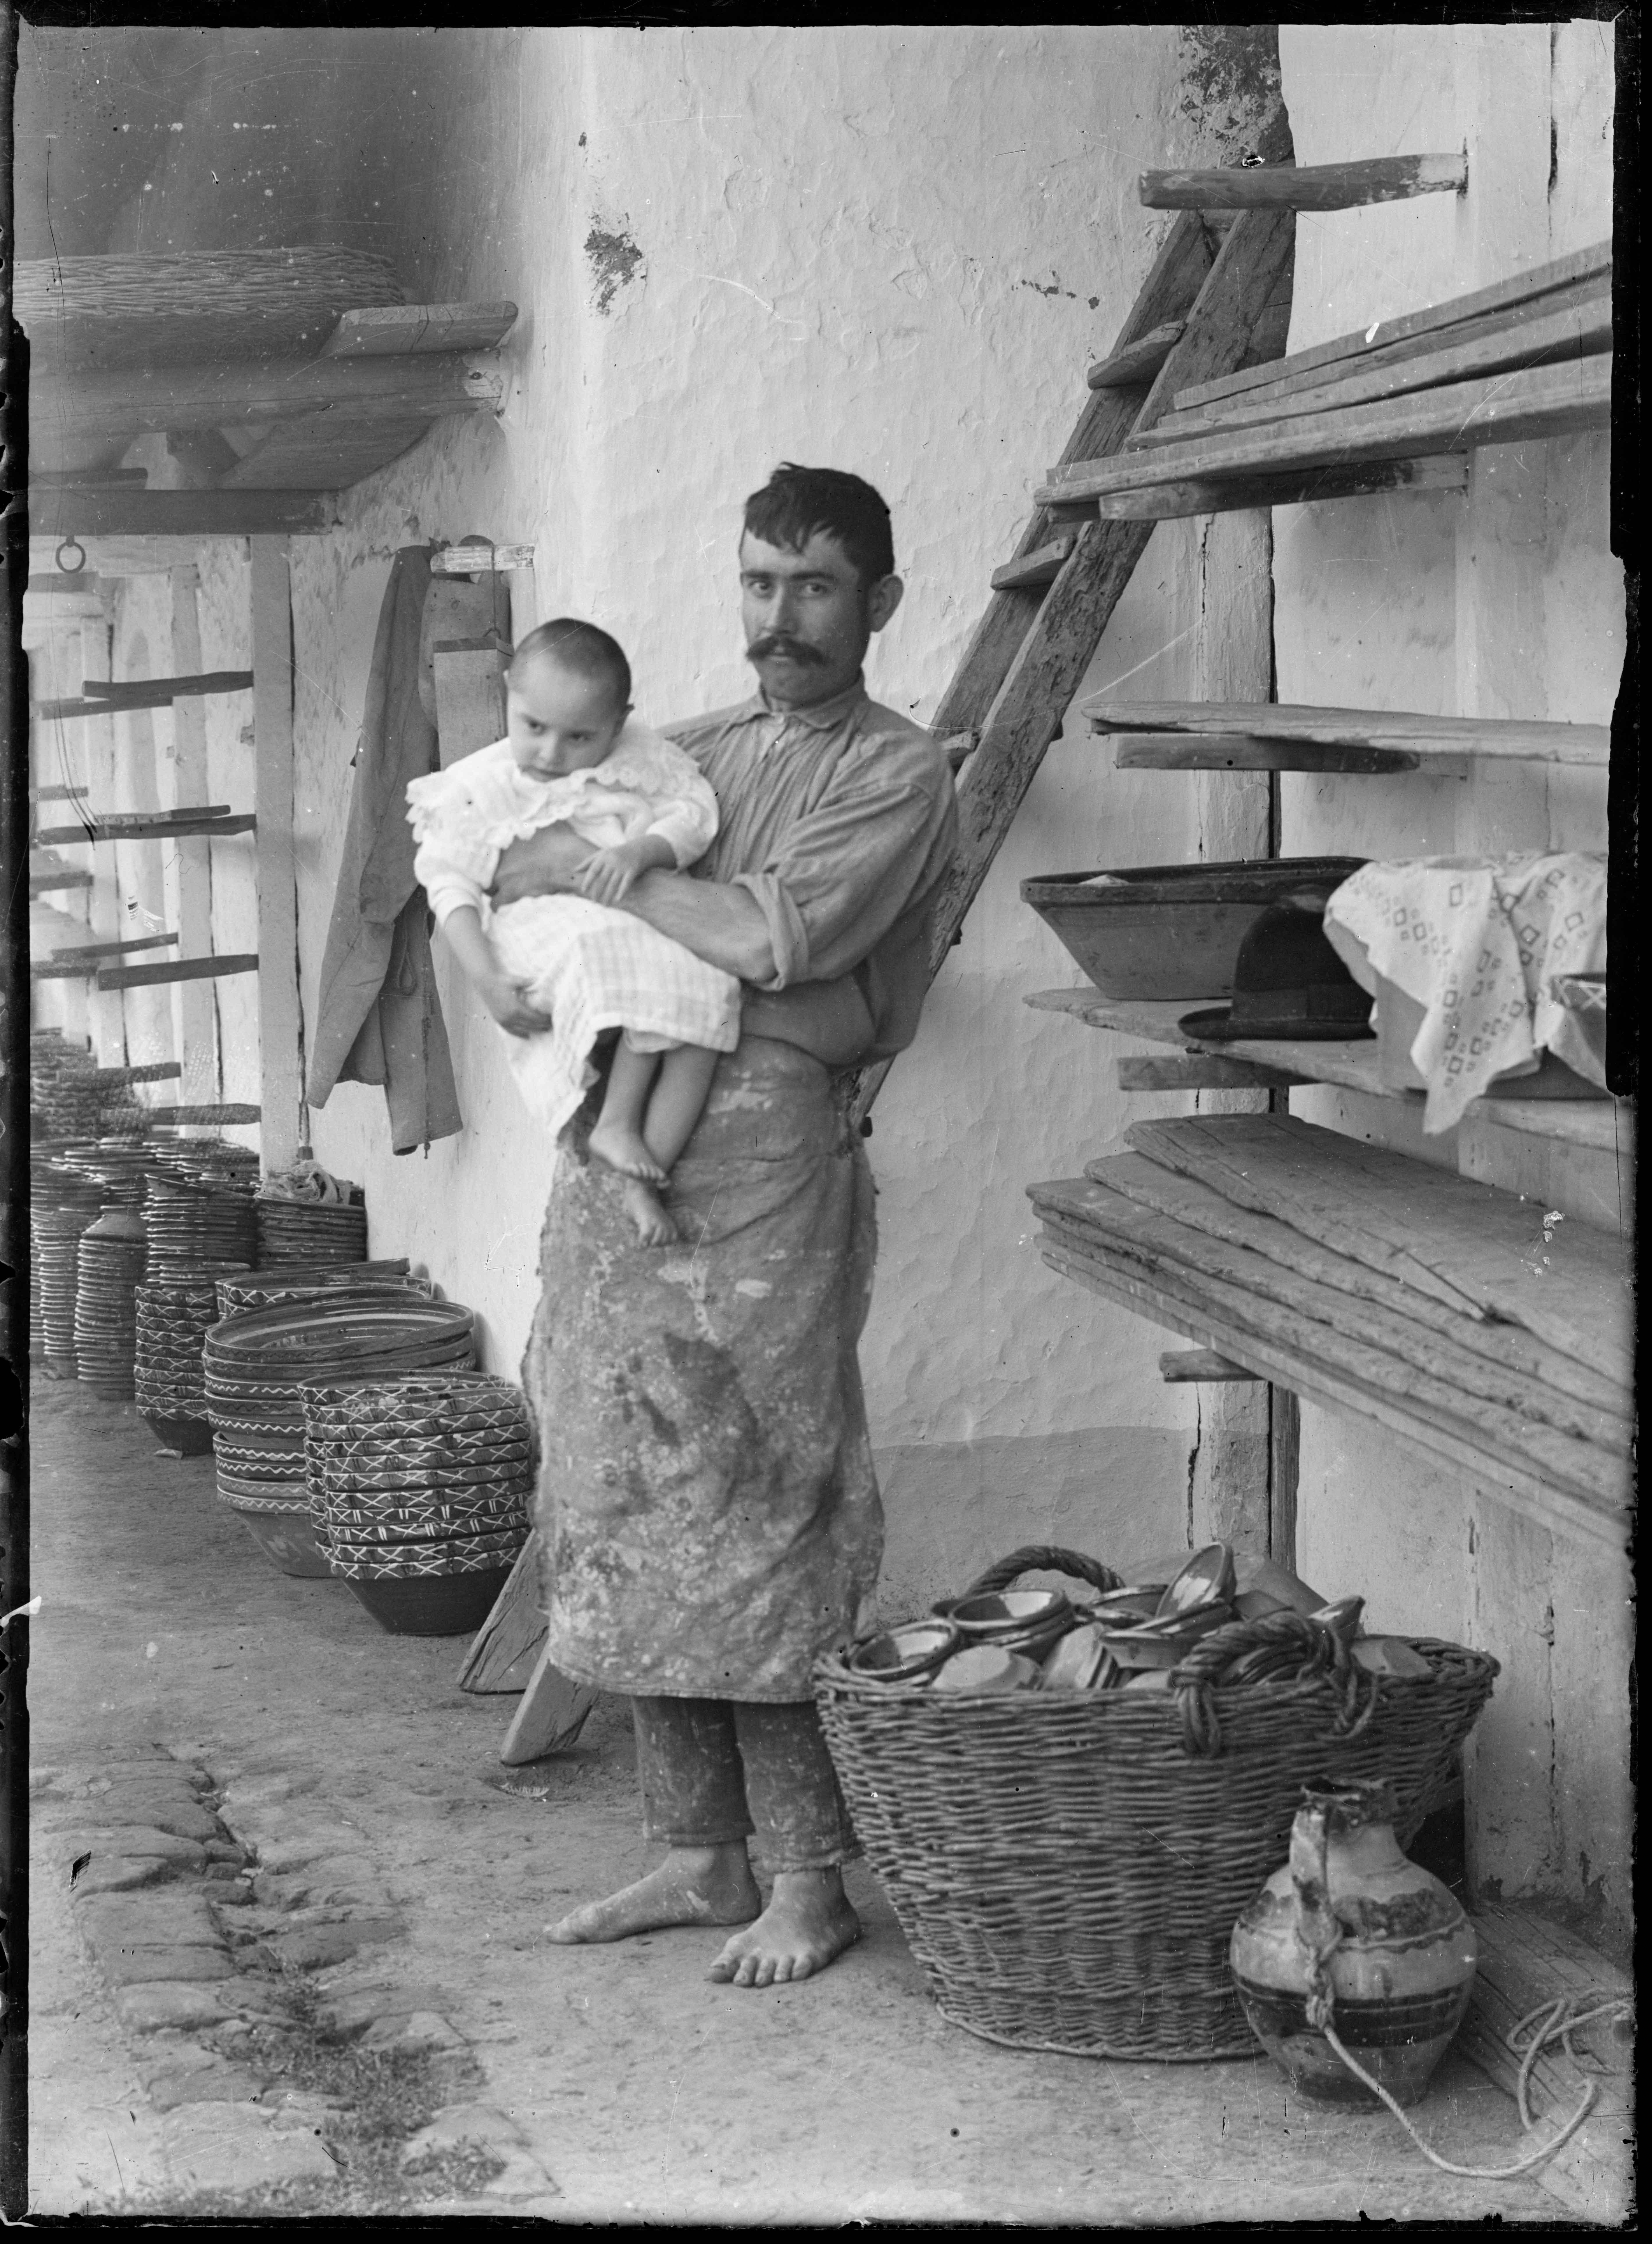 Fotó: Plohn József: Fazekas gyermekével. © Tornyai János Múzeum gyűjteménye, Hódmezővásárhely